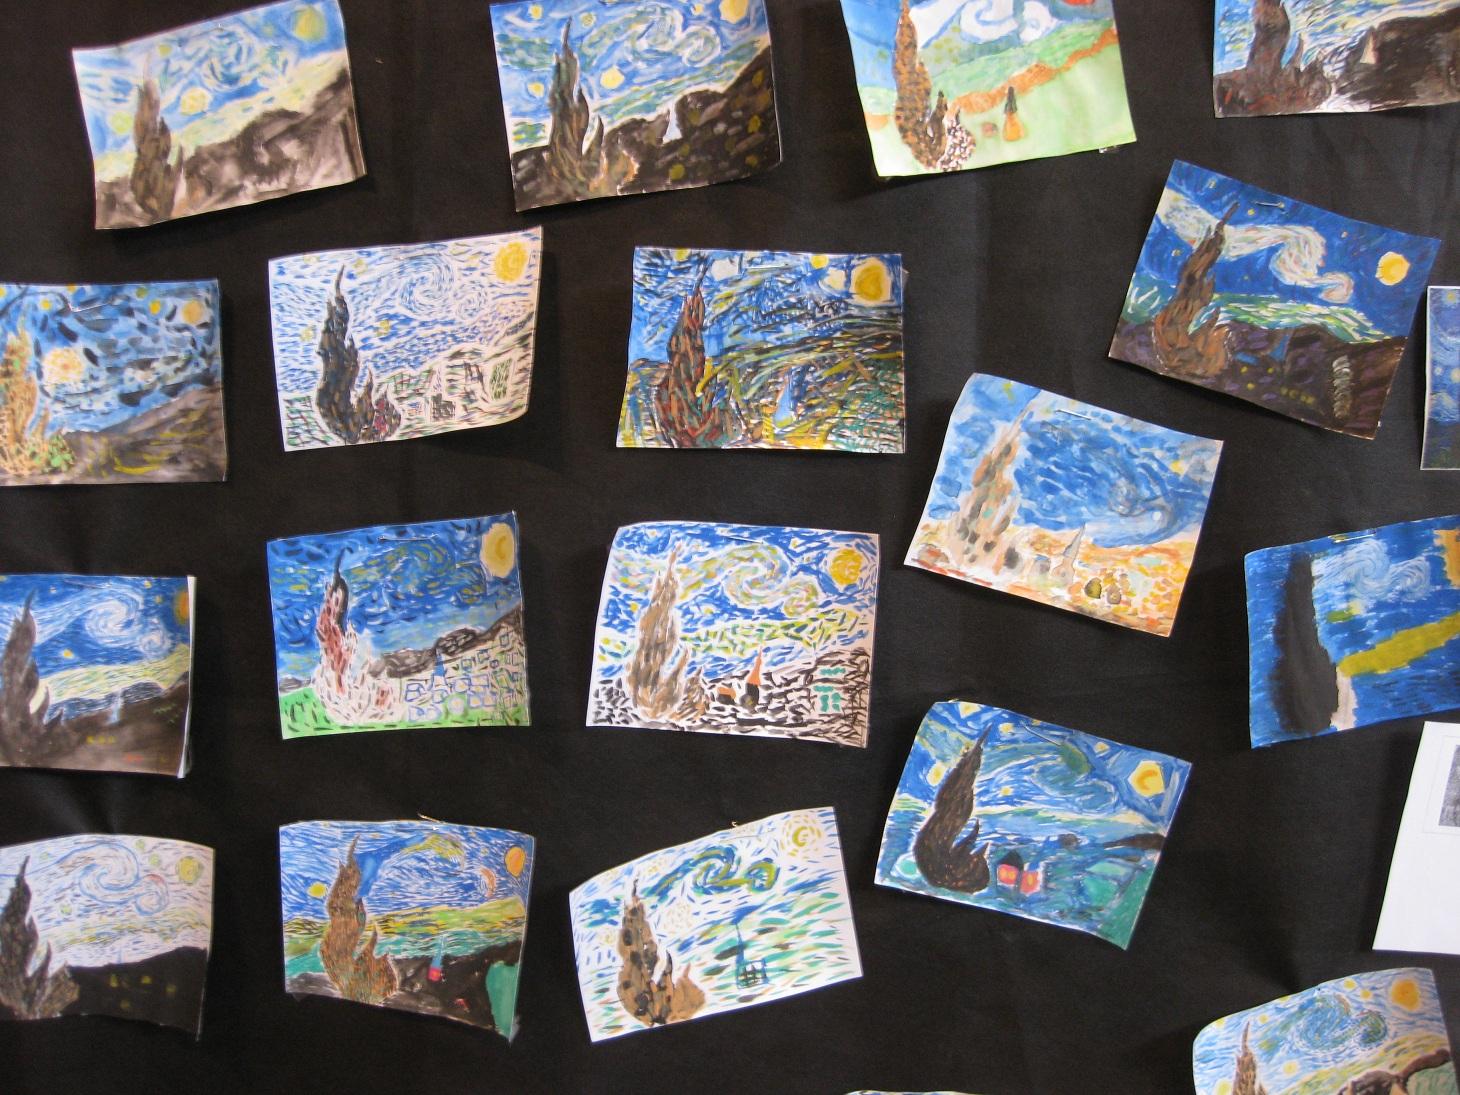 Sehr La semaine des arts visuels - Le journal de l'école Victor Hugo SE94